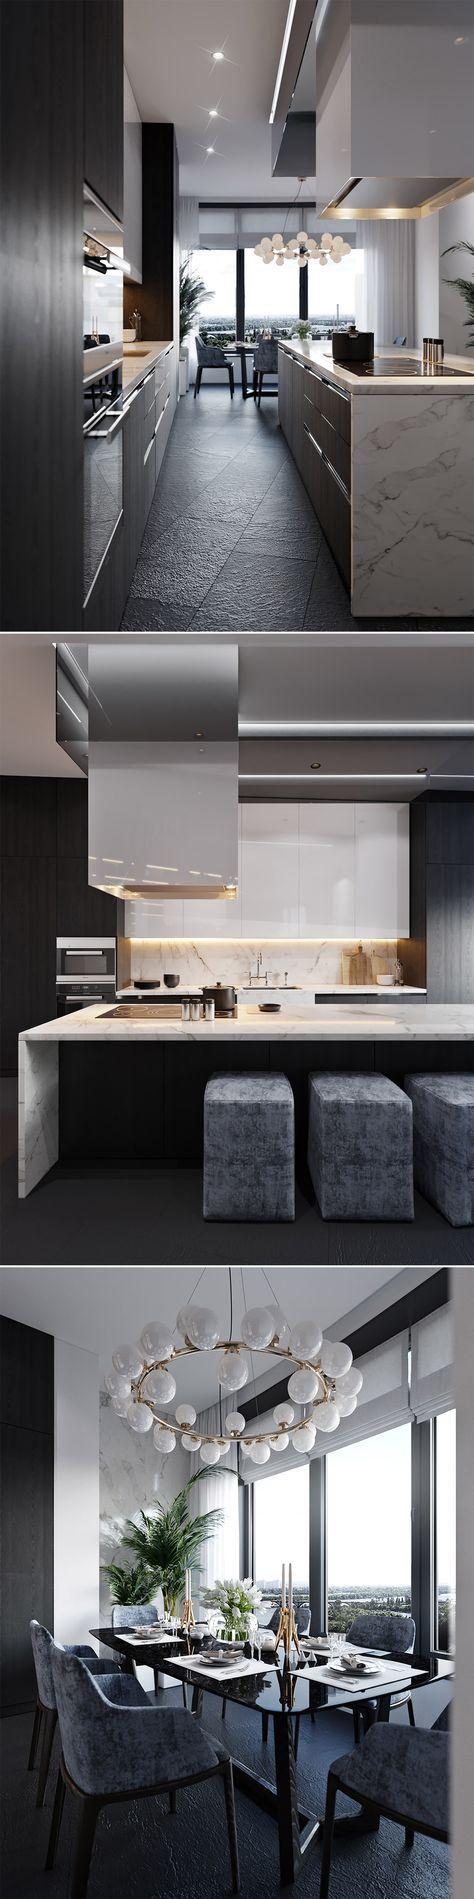 71 best Kitchen images on Pinterest   Kitchen designs, Kitchen ...